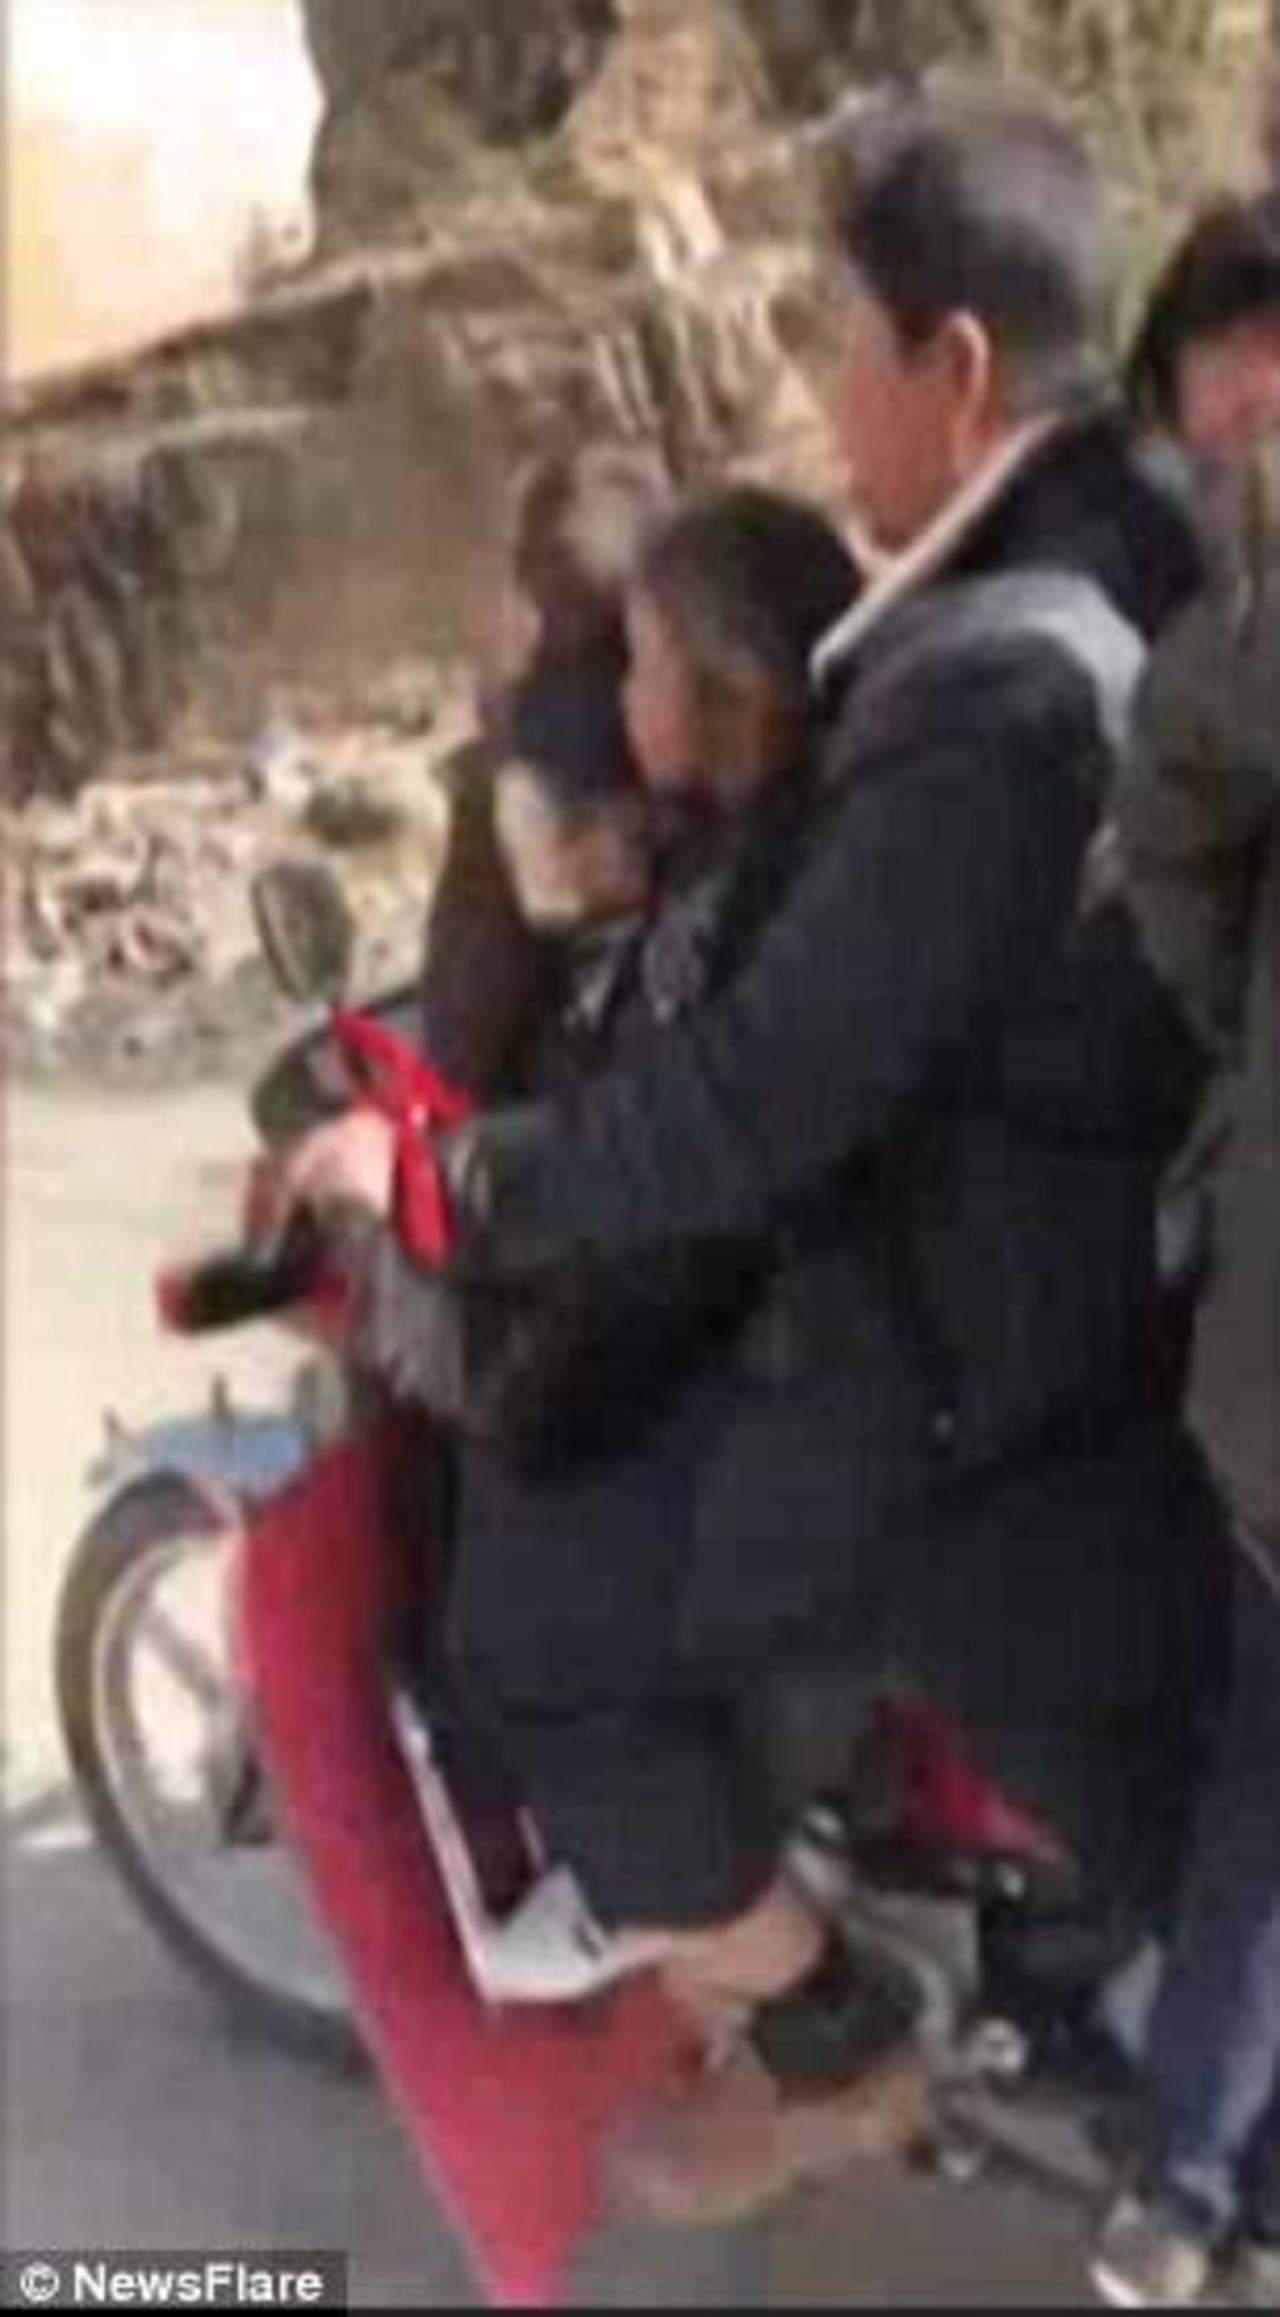 VIDEO: Captan a hombre viajando en moto con 6 niños